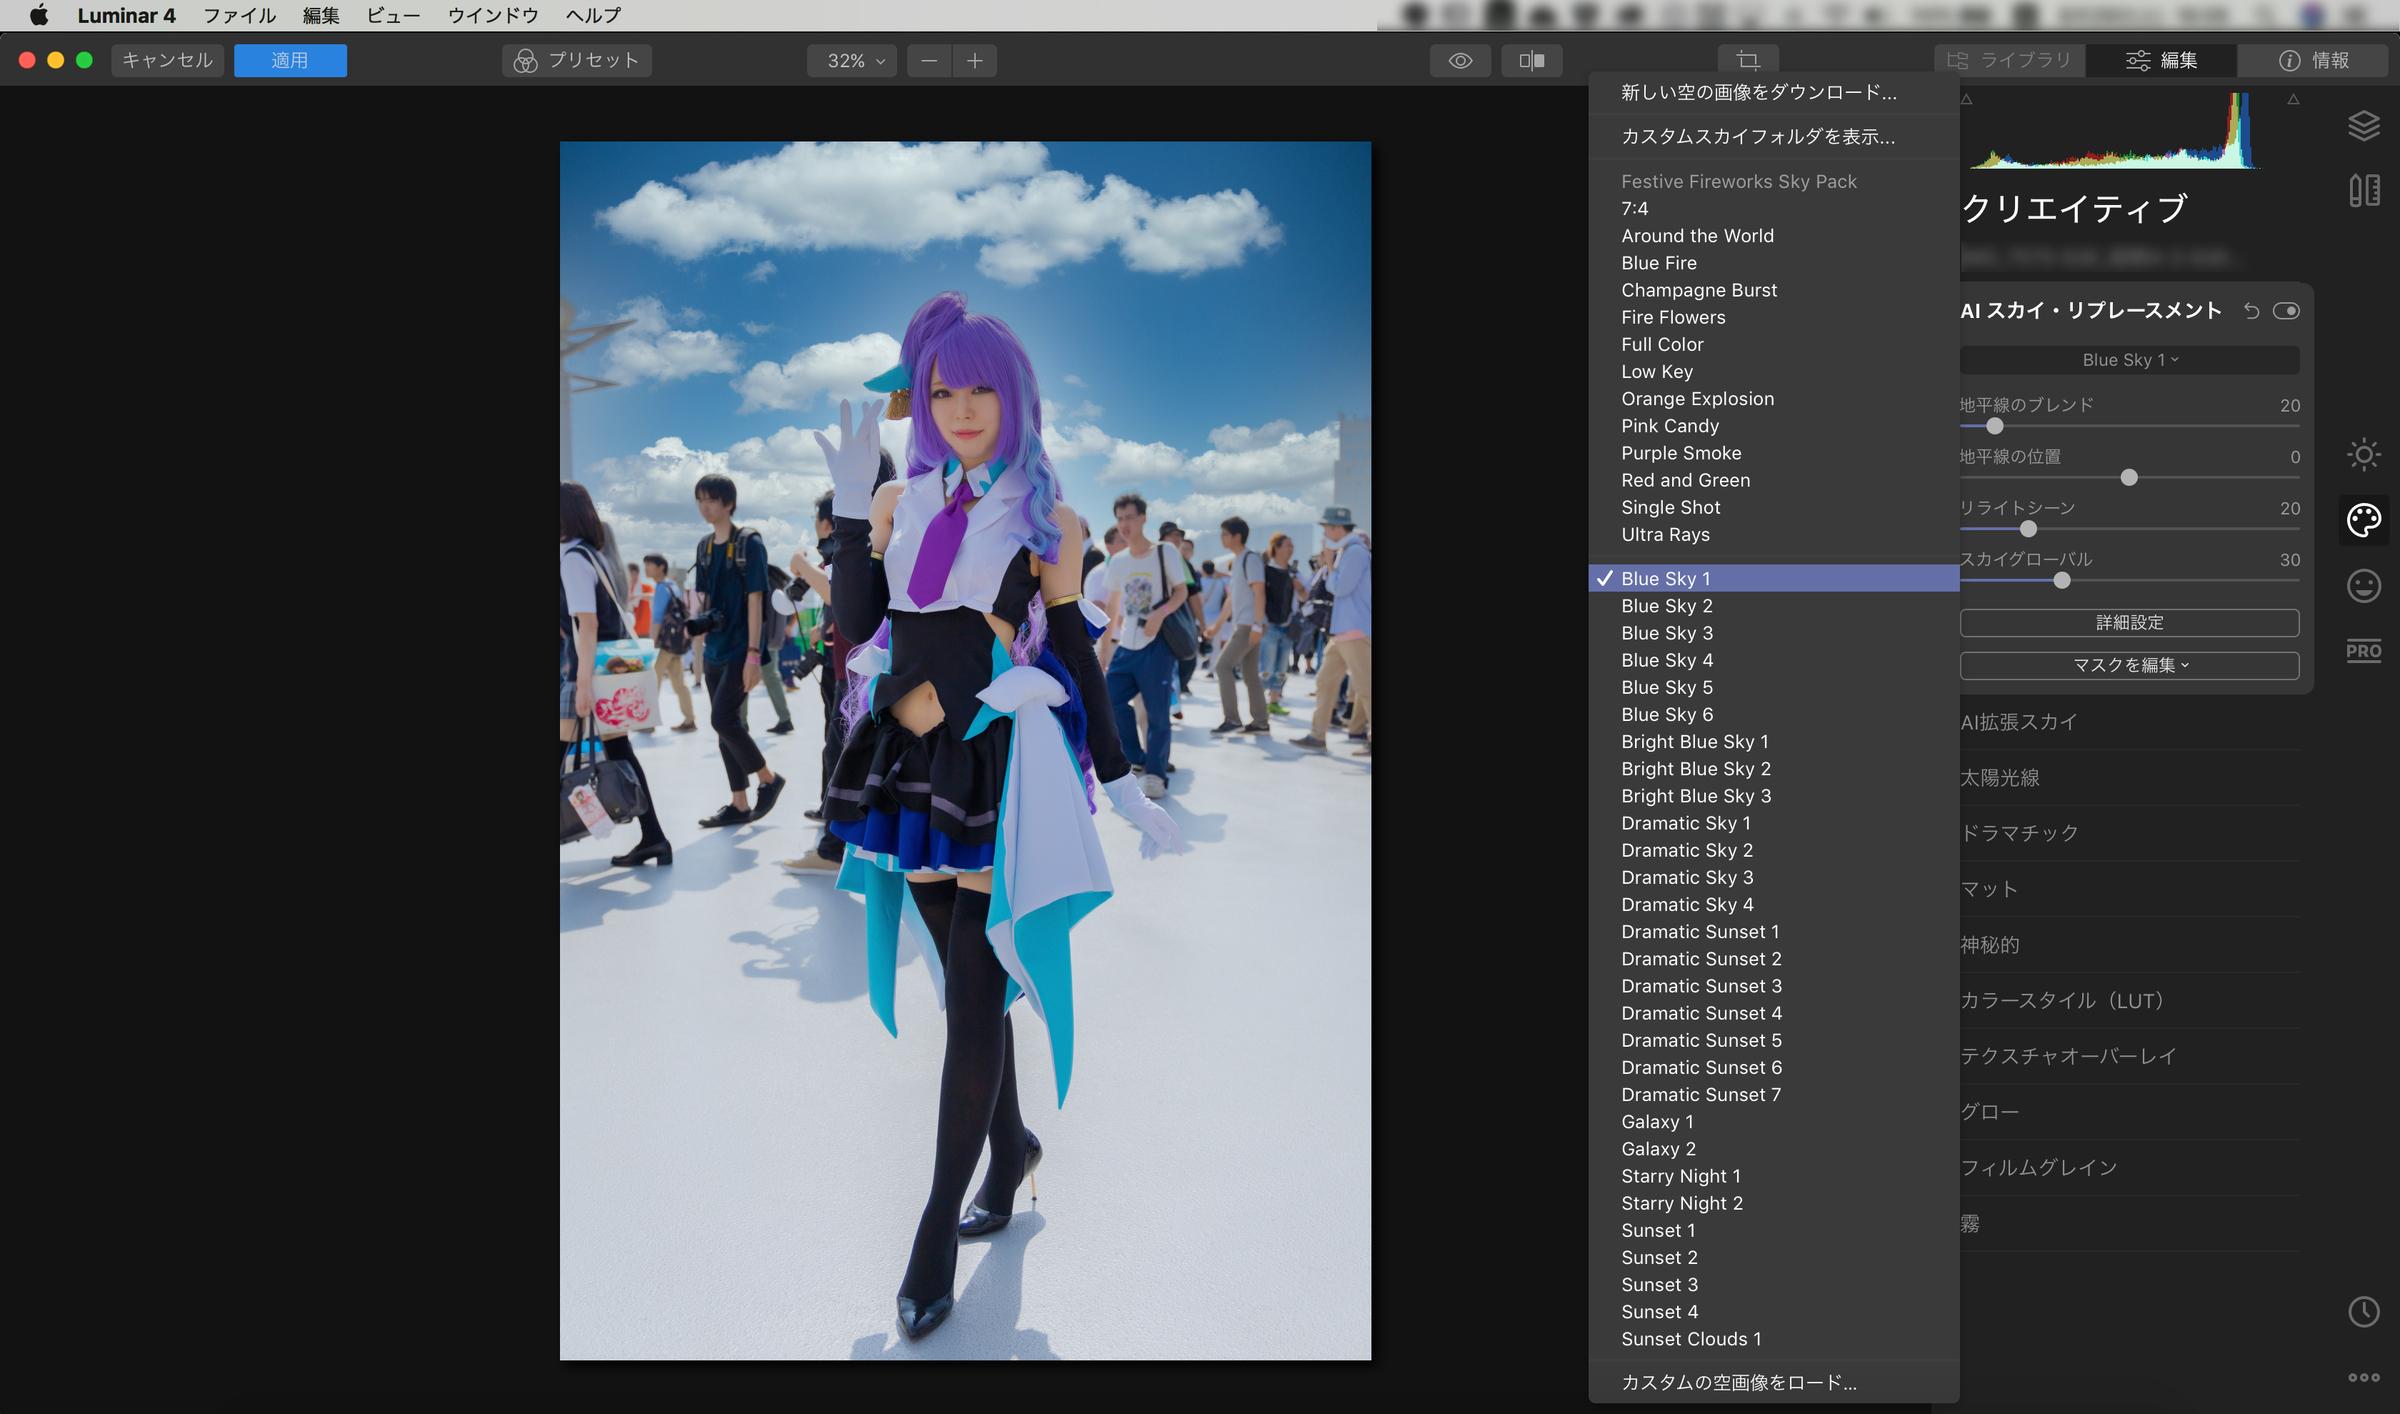 話題のルミナー4(Luminar4)でコスプレ写真をレタッチして(ルミって)みた!1,000円割引クーポンもあるよ!